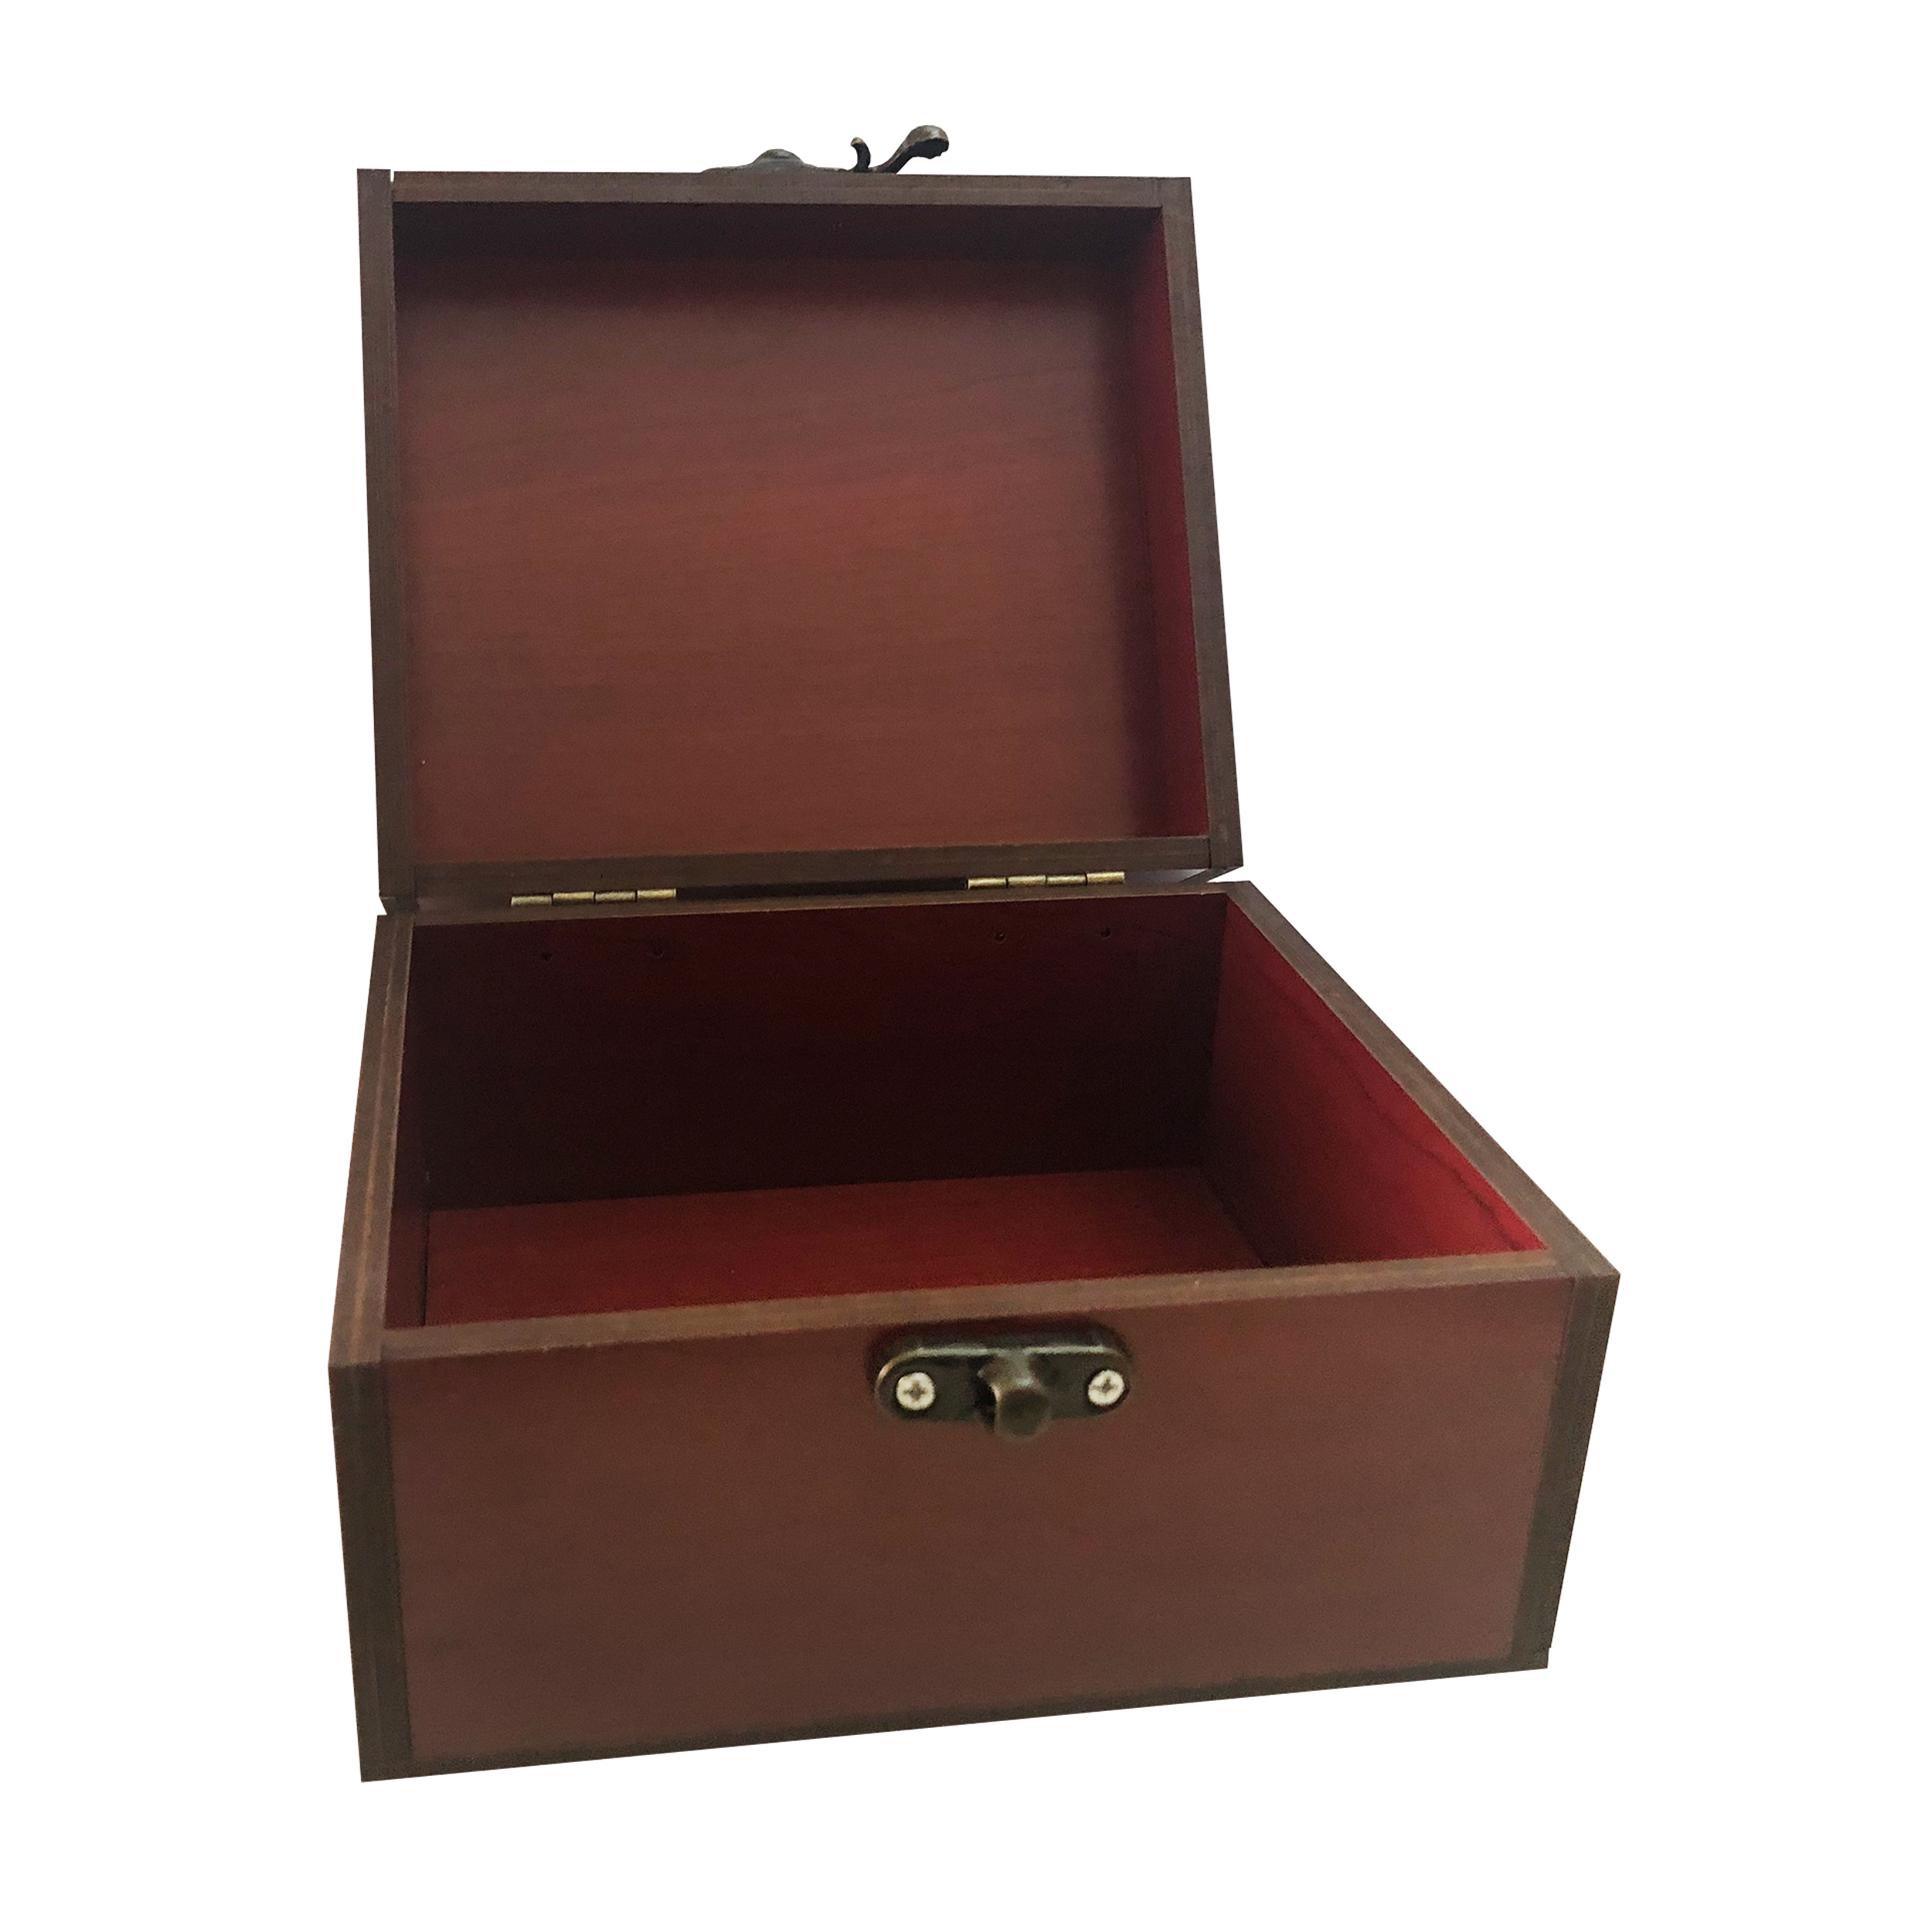 جعبه هدیه چوبی مدل j82